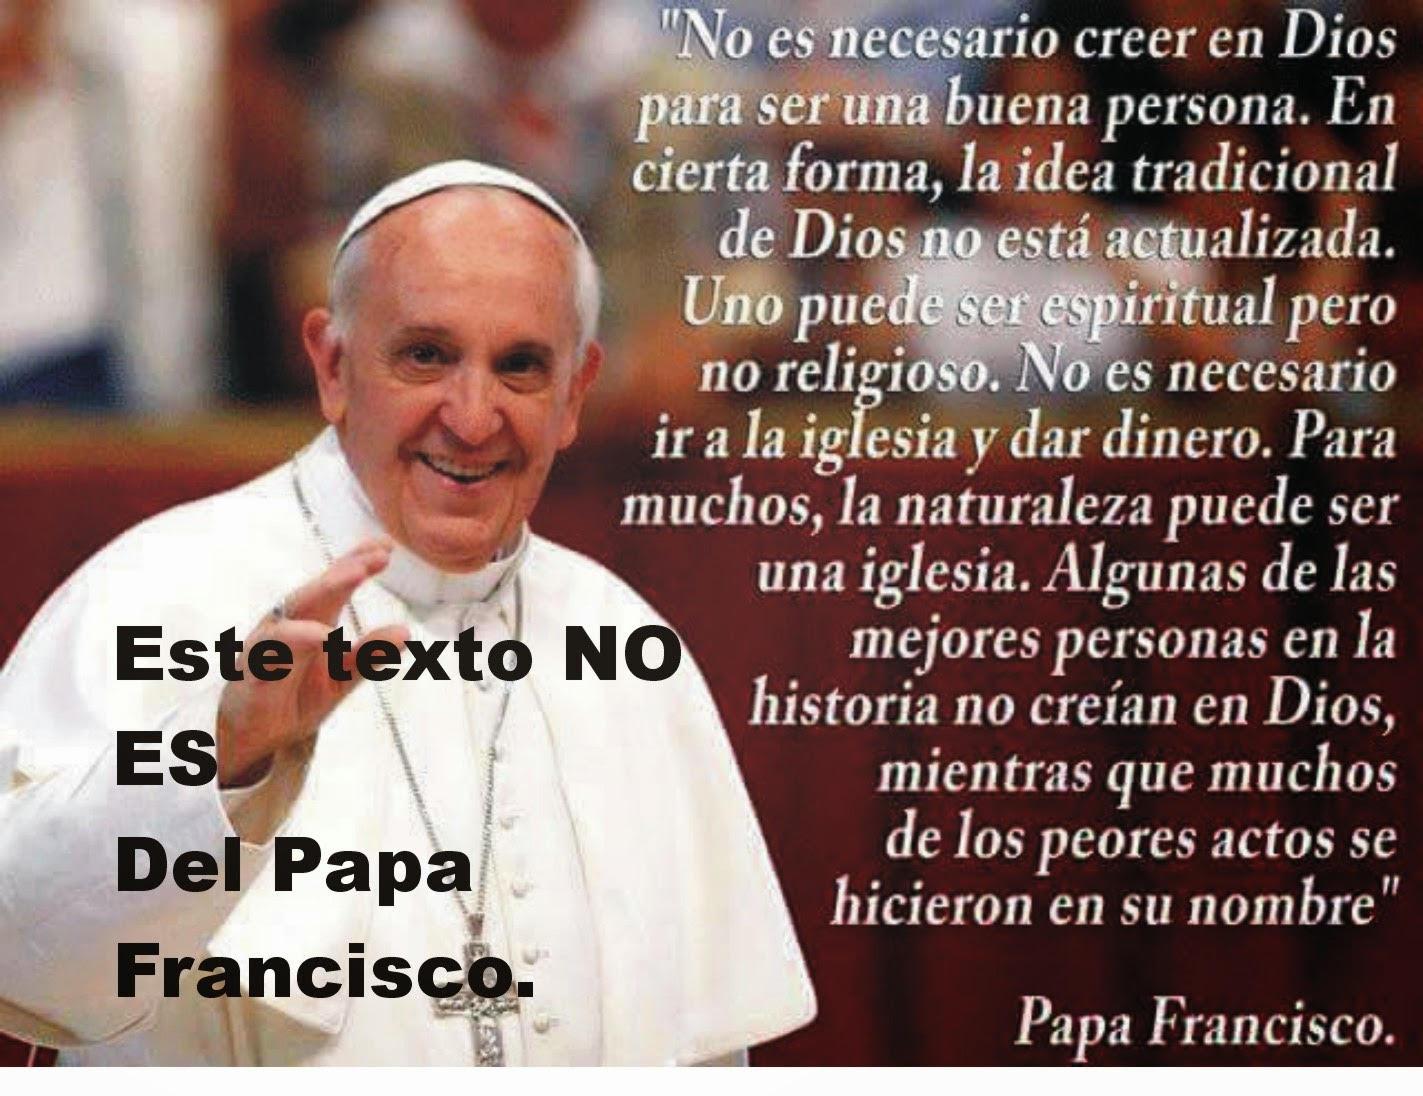 O Banquete Da Palavra Uma Frase Que Não Pertence Ao Papa Francisco